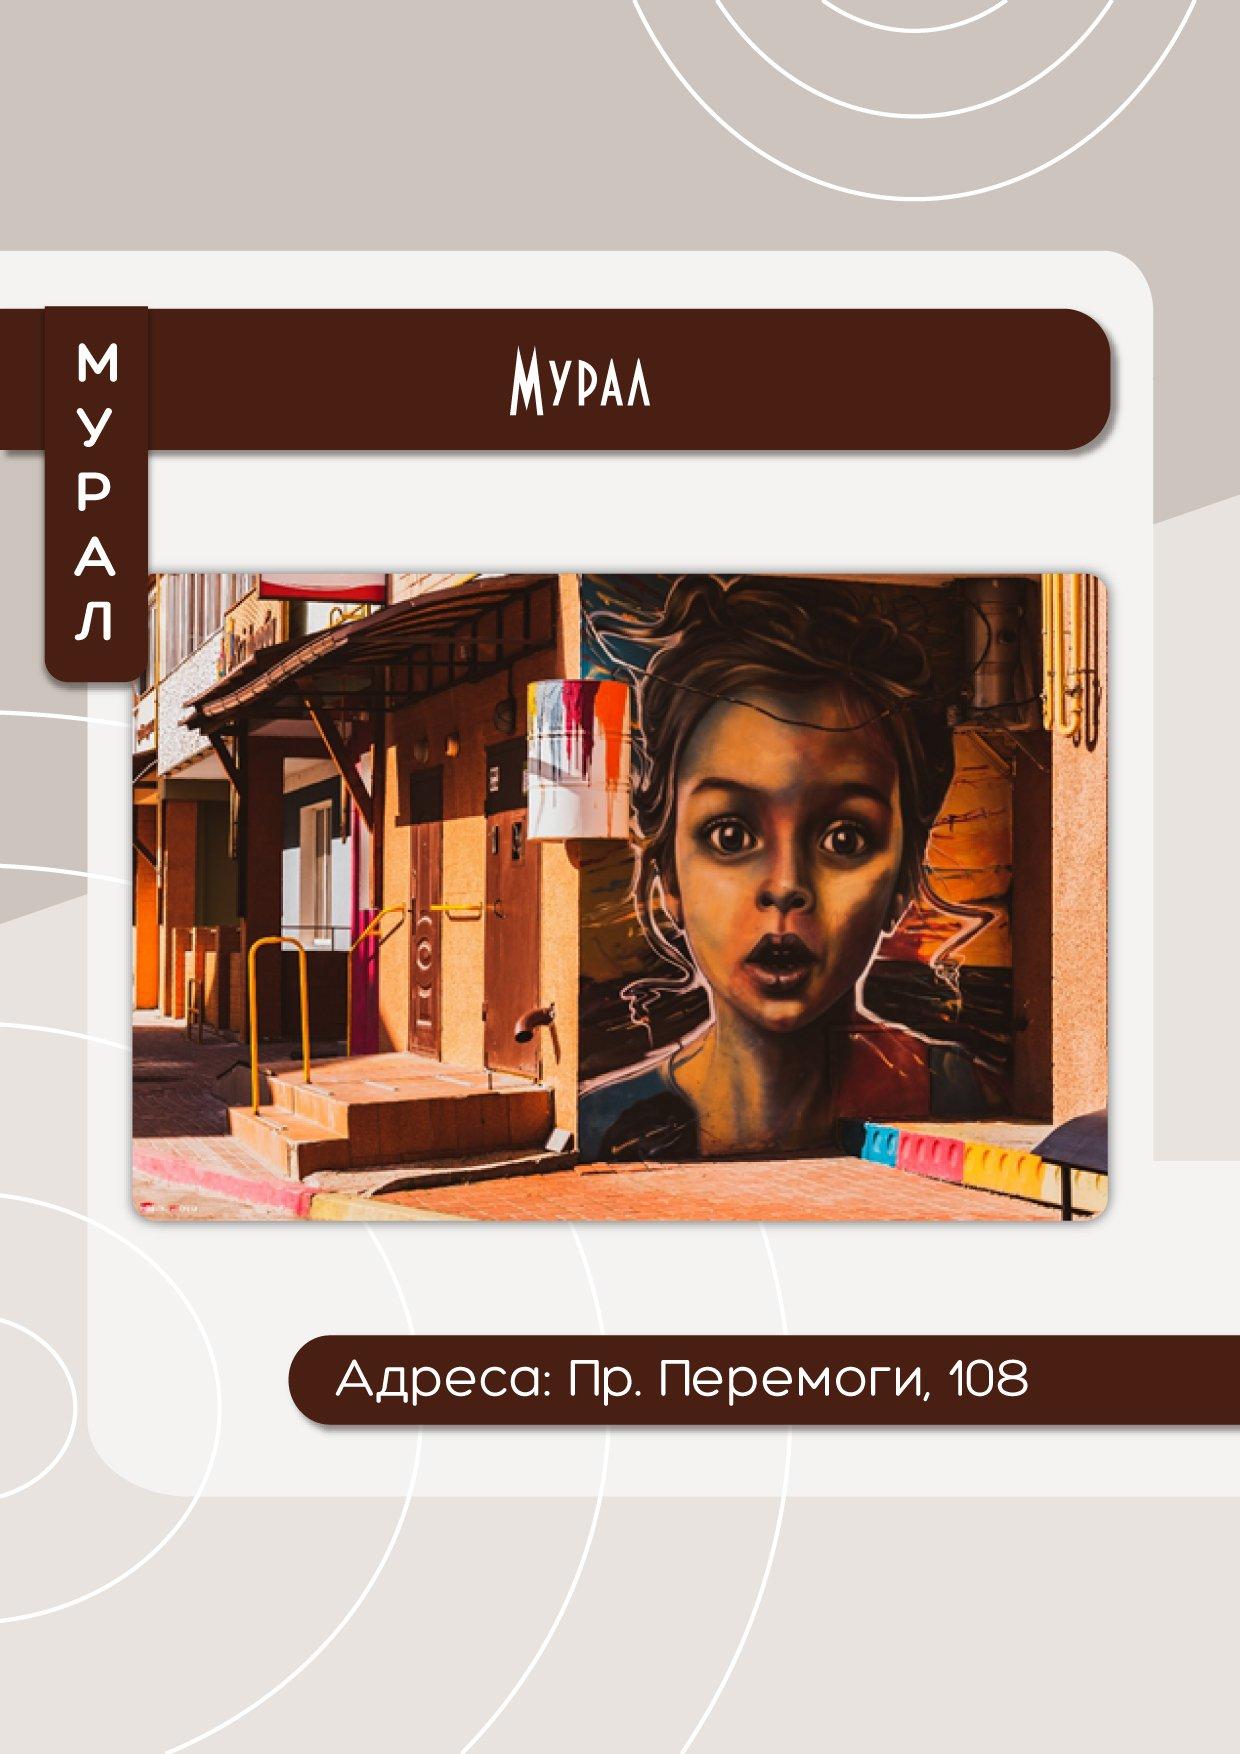 Мурали Чернігова зібрали в єдину базу (каталог), фото-4